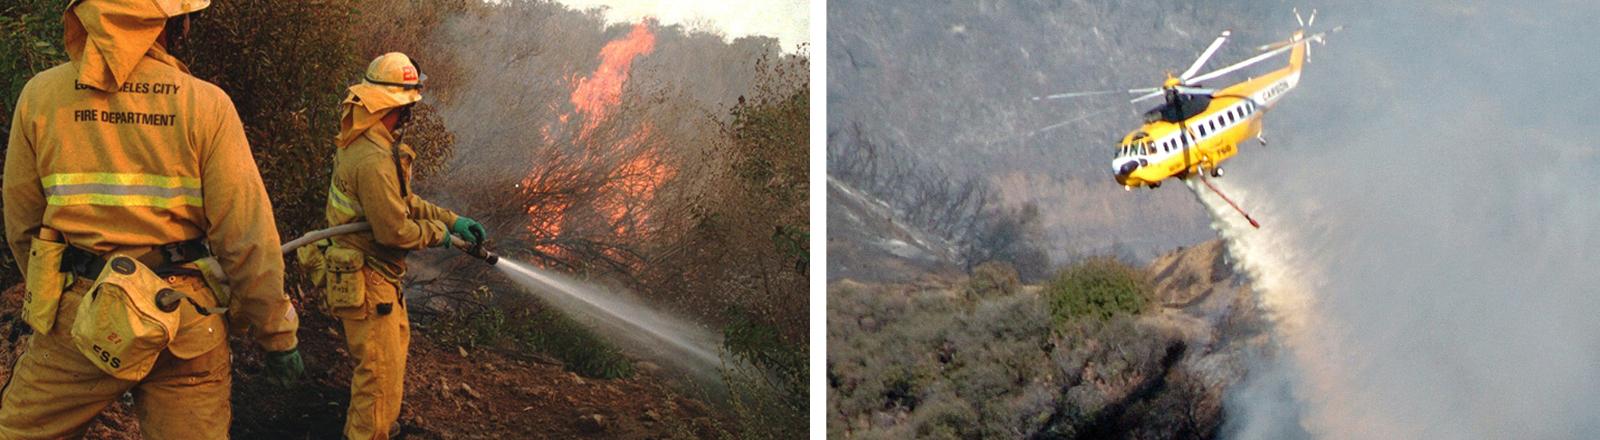 Feuerwehrmänner, die im November 2018 Waldbrände in Kalifornien löschen. Und eine Helikopter, der über einem Waldbrand eine Ladung Wasser ablässt.